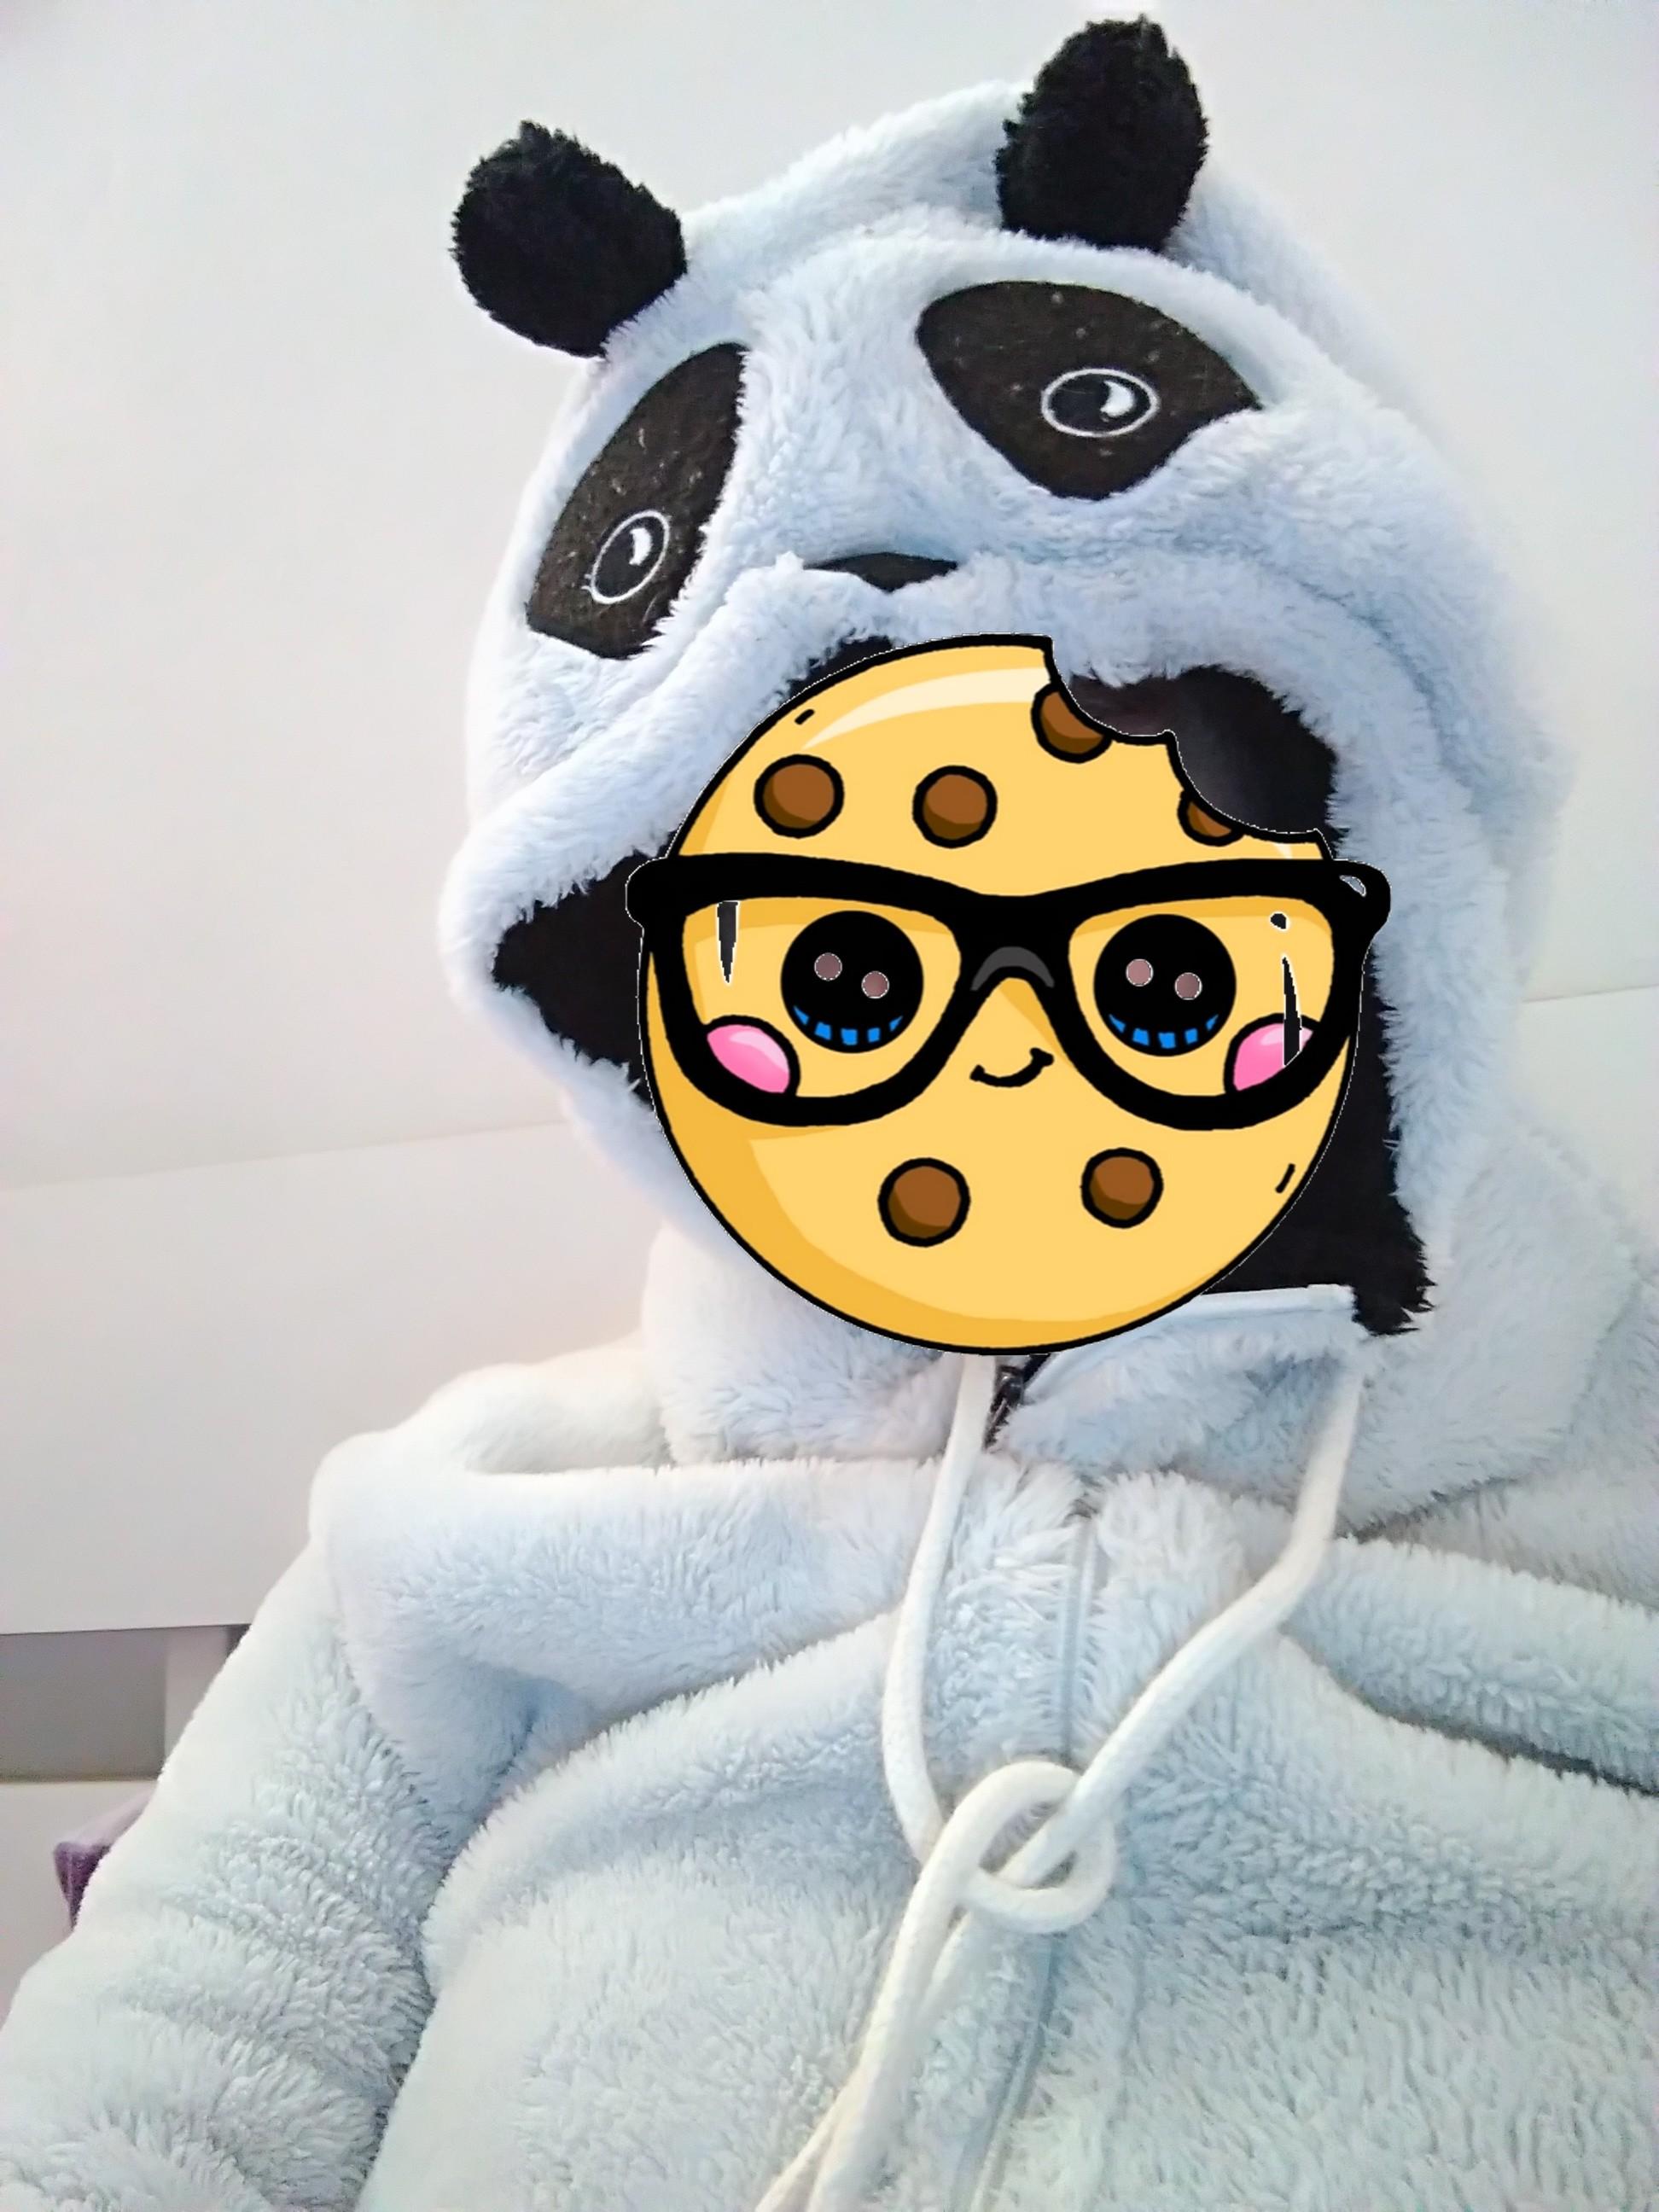 Défilé de mode - Page 5 Panda